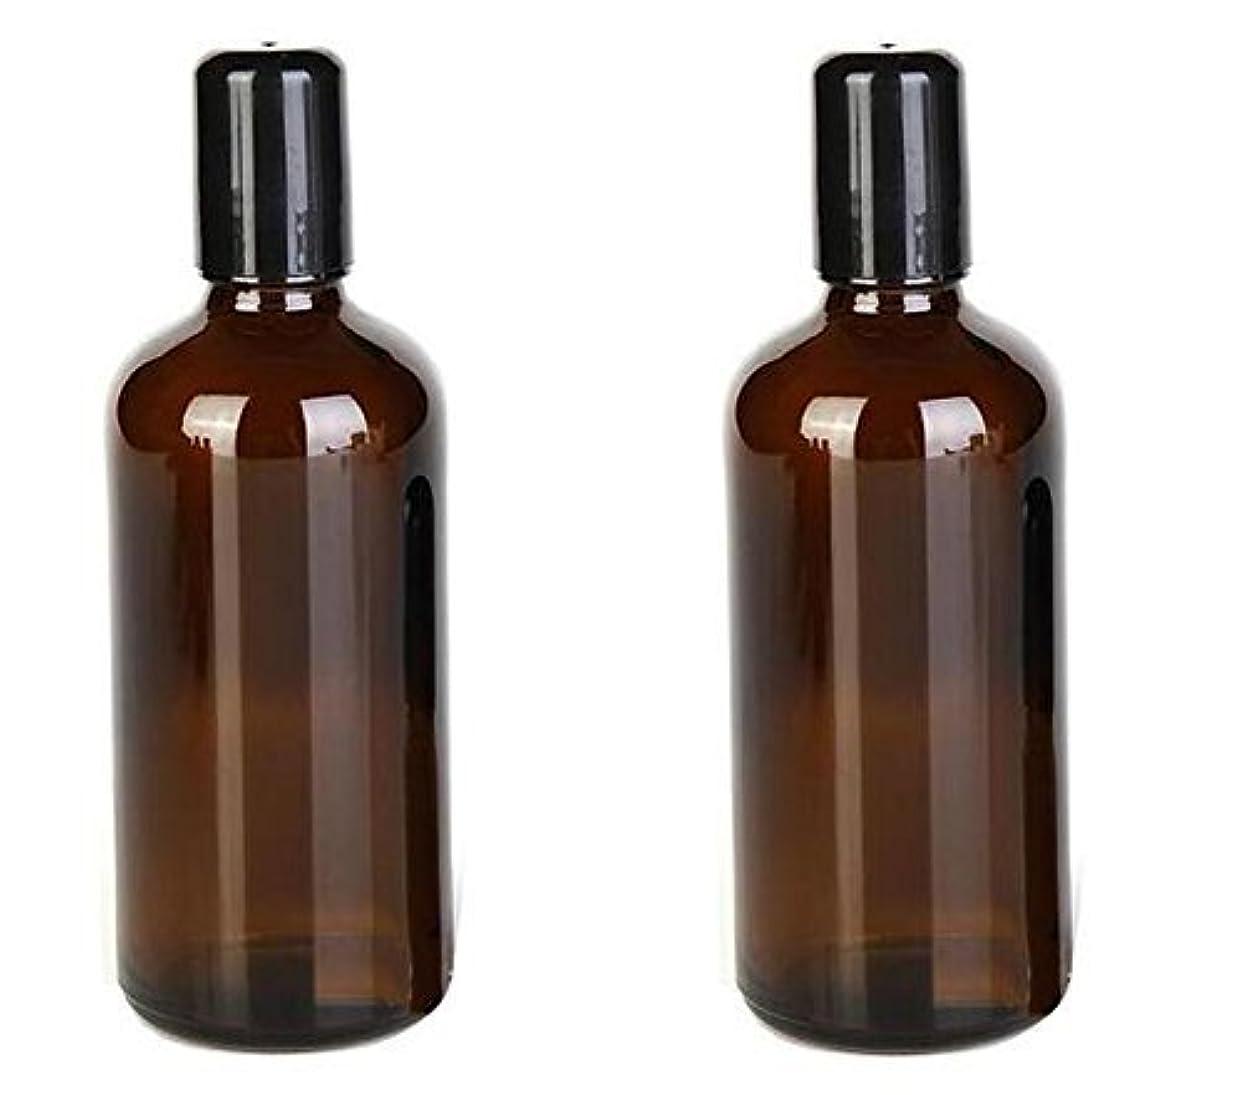 橋脚テレビクリスマス2PCS 100ML /3.4oz Amber Glass Empty Refillable Roll On Bottles With Metal Roller Balls Roll-On Container For Essential...